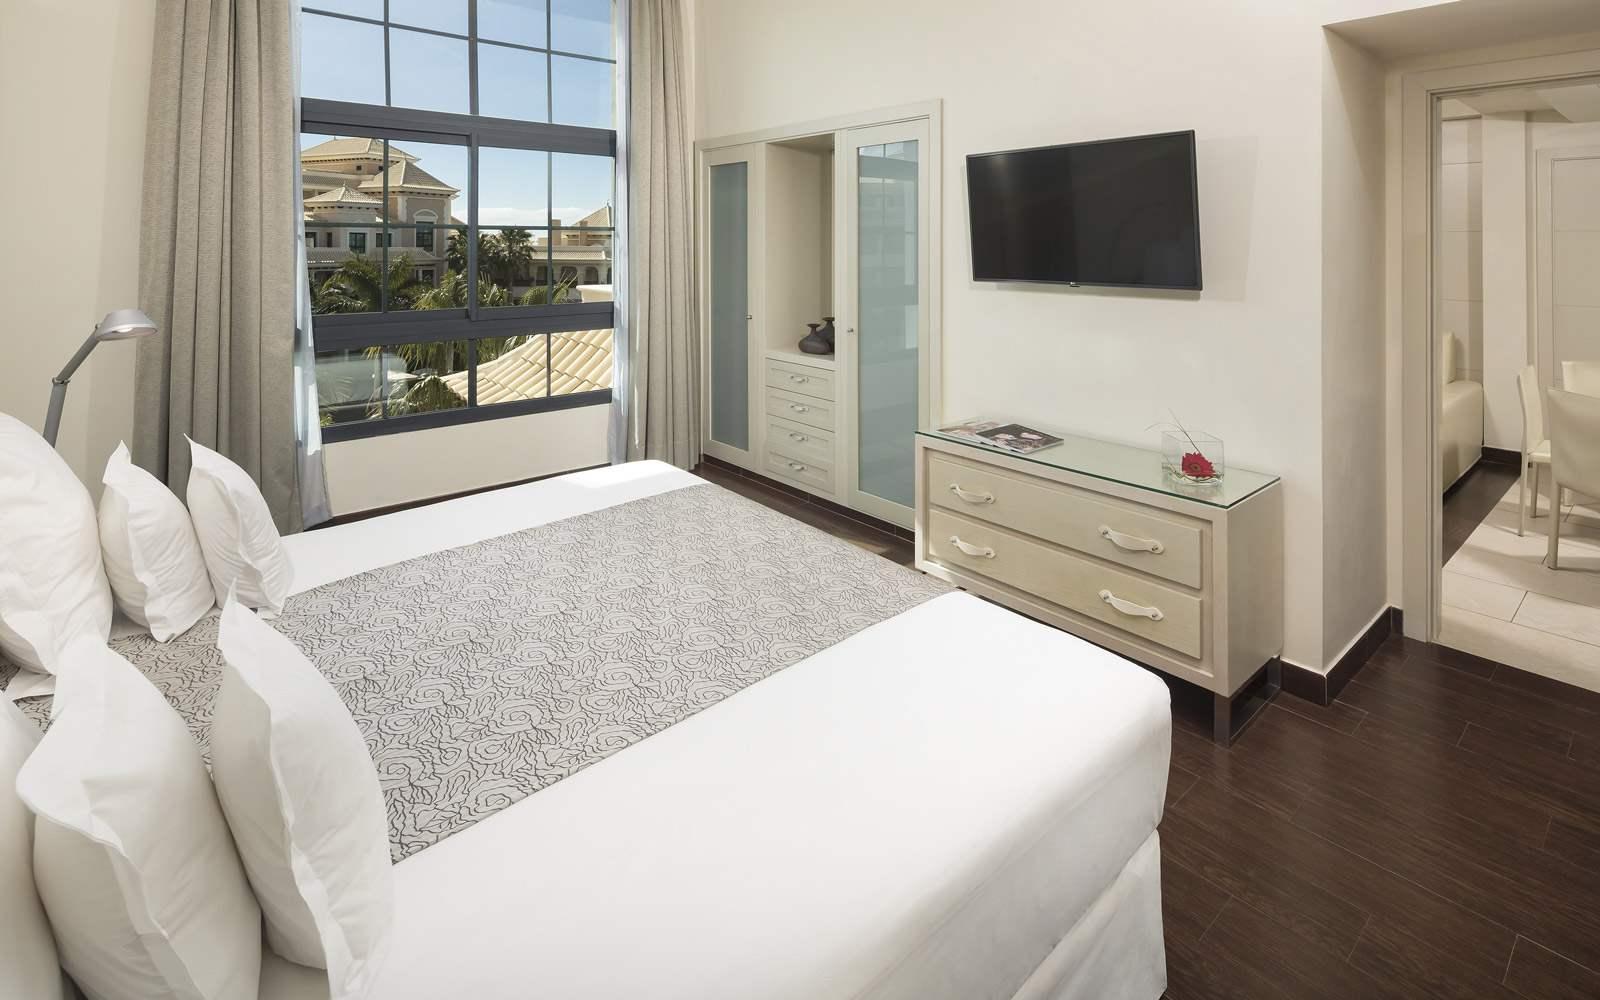 Gran Melia Palacio De Isora - Master Suite 1 bedroom